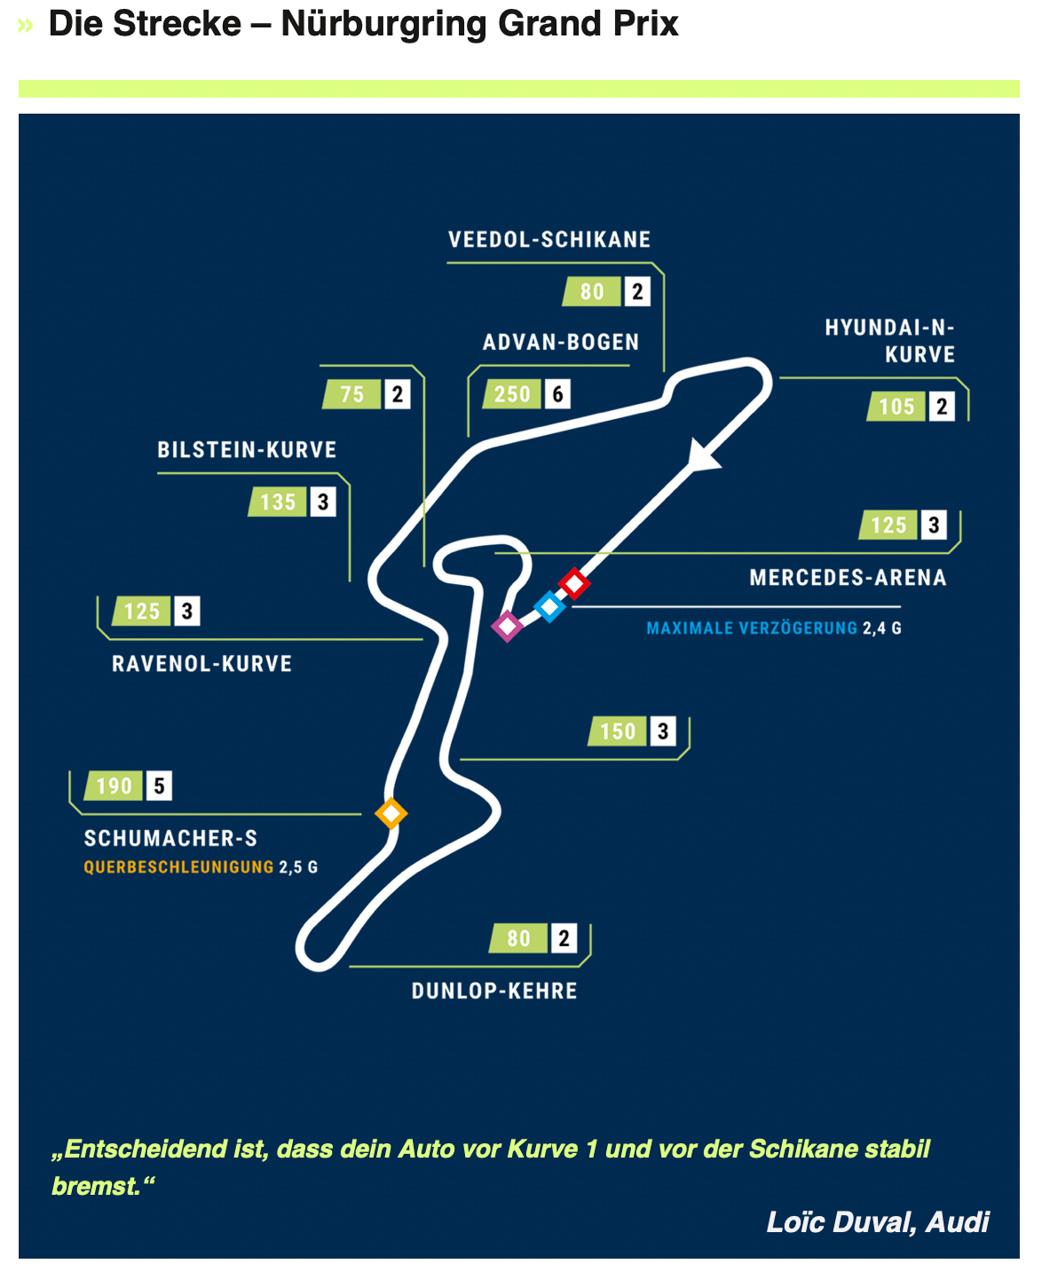 Zweite Dtm Saisonhalfte Startet Vor Zuschauern Am Nurburgring Lsr Freun De